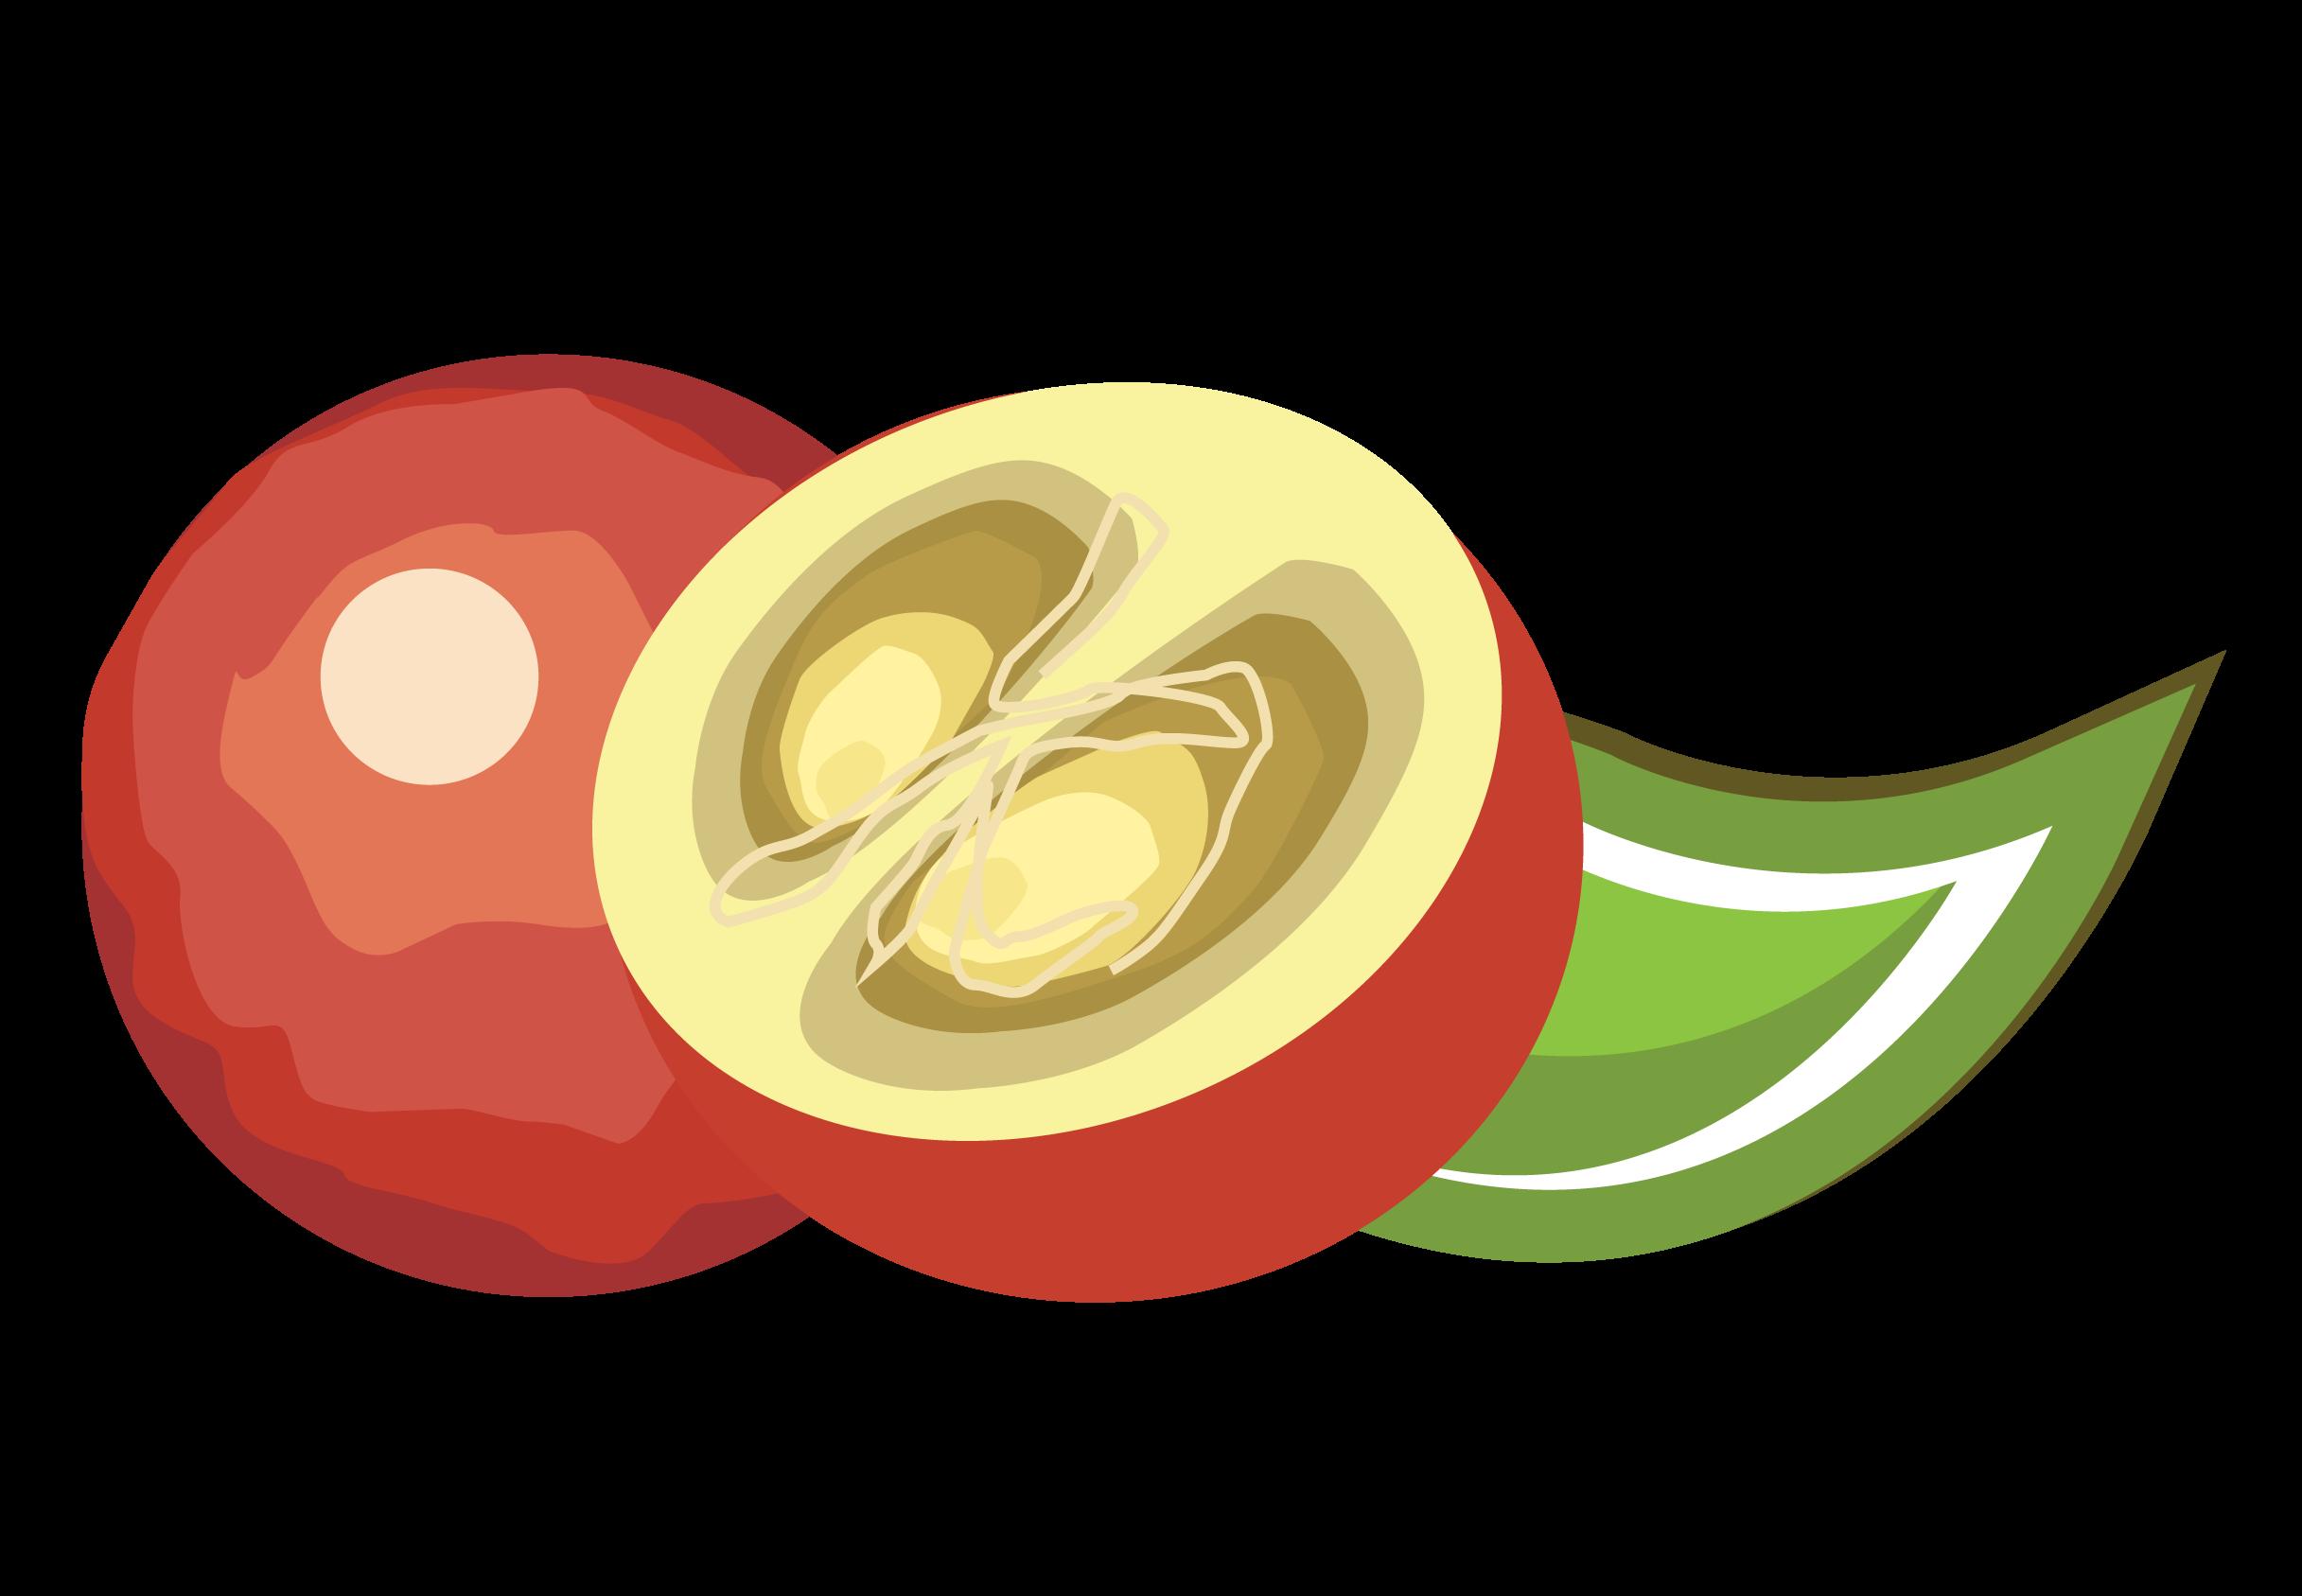 Camu fruit me contains. Yogurt clipart calcium food